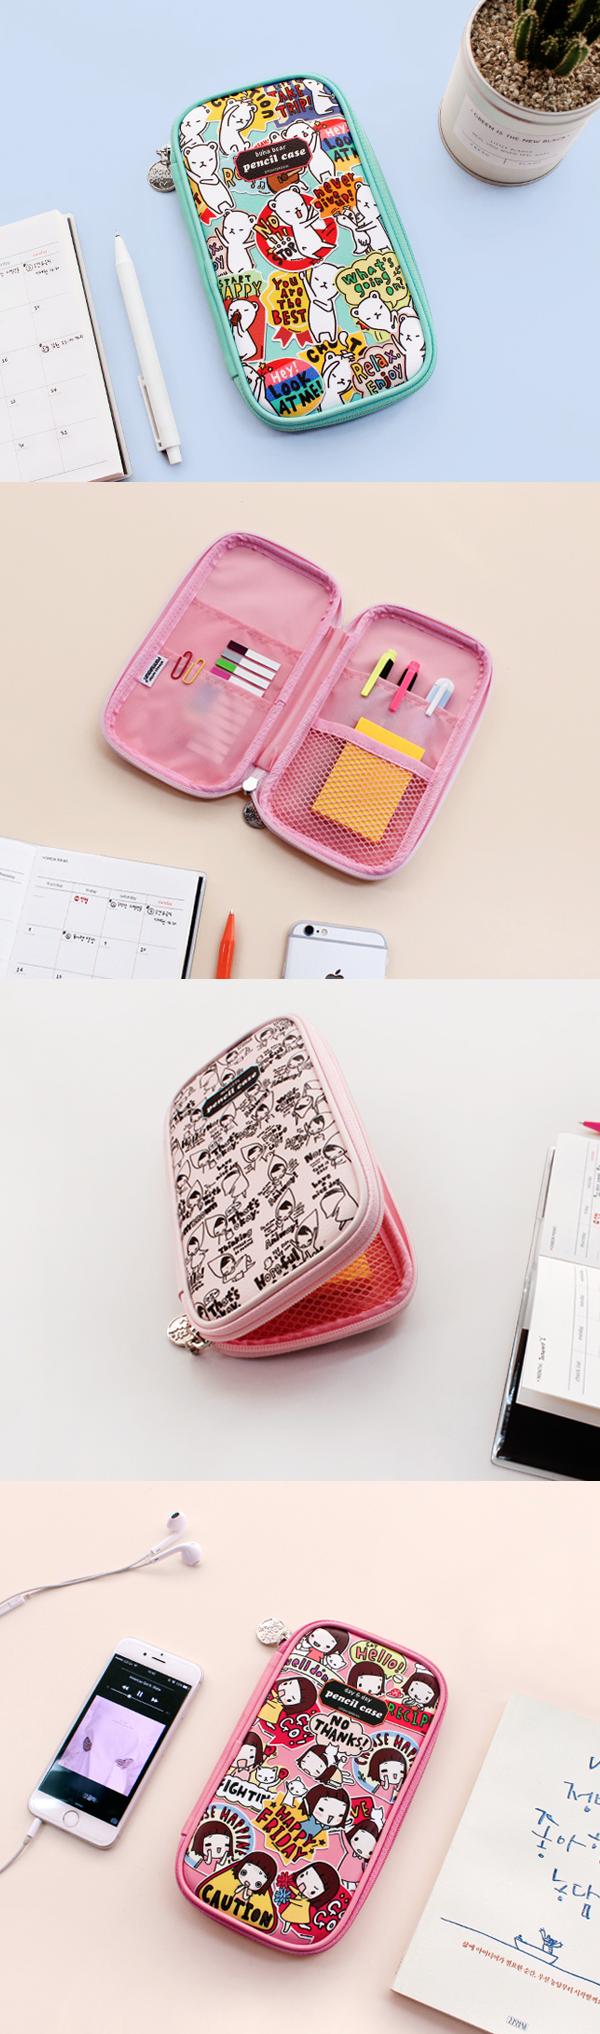 *小马棕色波普艺术笔袋*是一个可爱和精心制作的小袋!有4种有趣的风格ava ...